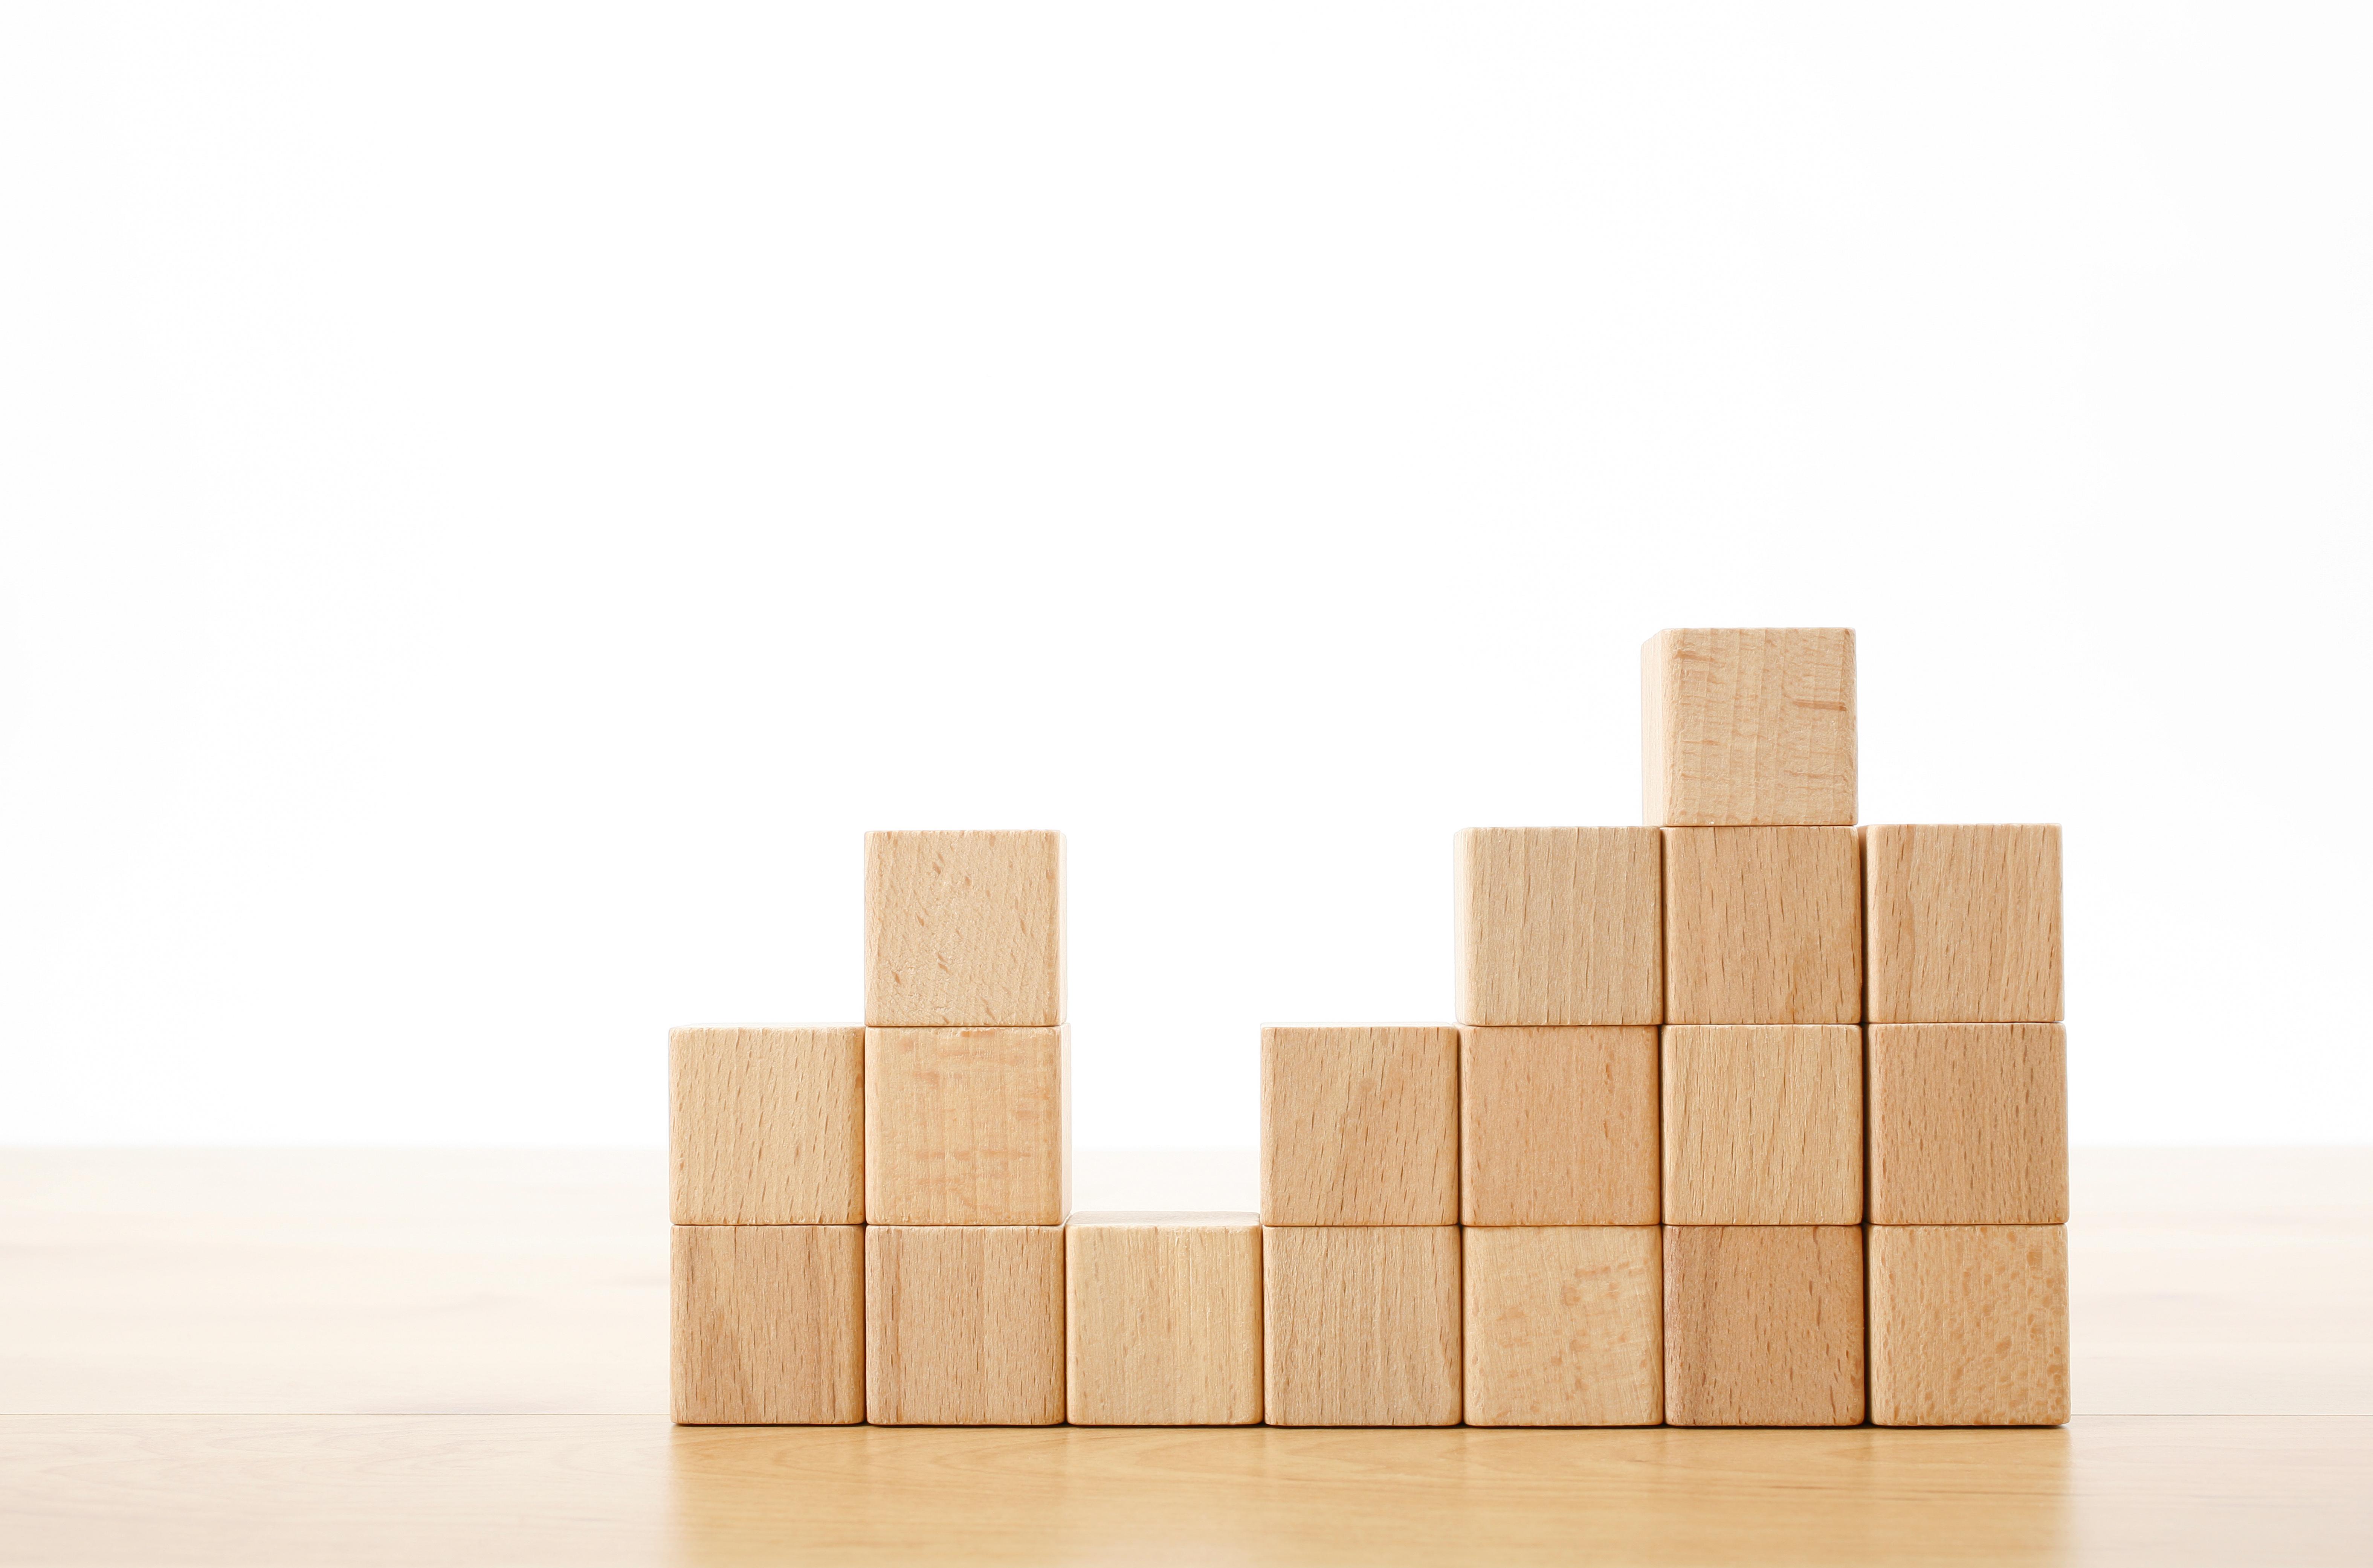 Indice istat per la rivalutazione degli affitti di for Rivalutazione istat affitti